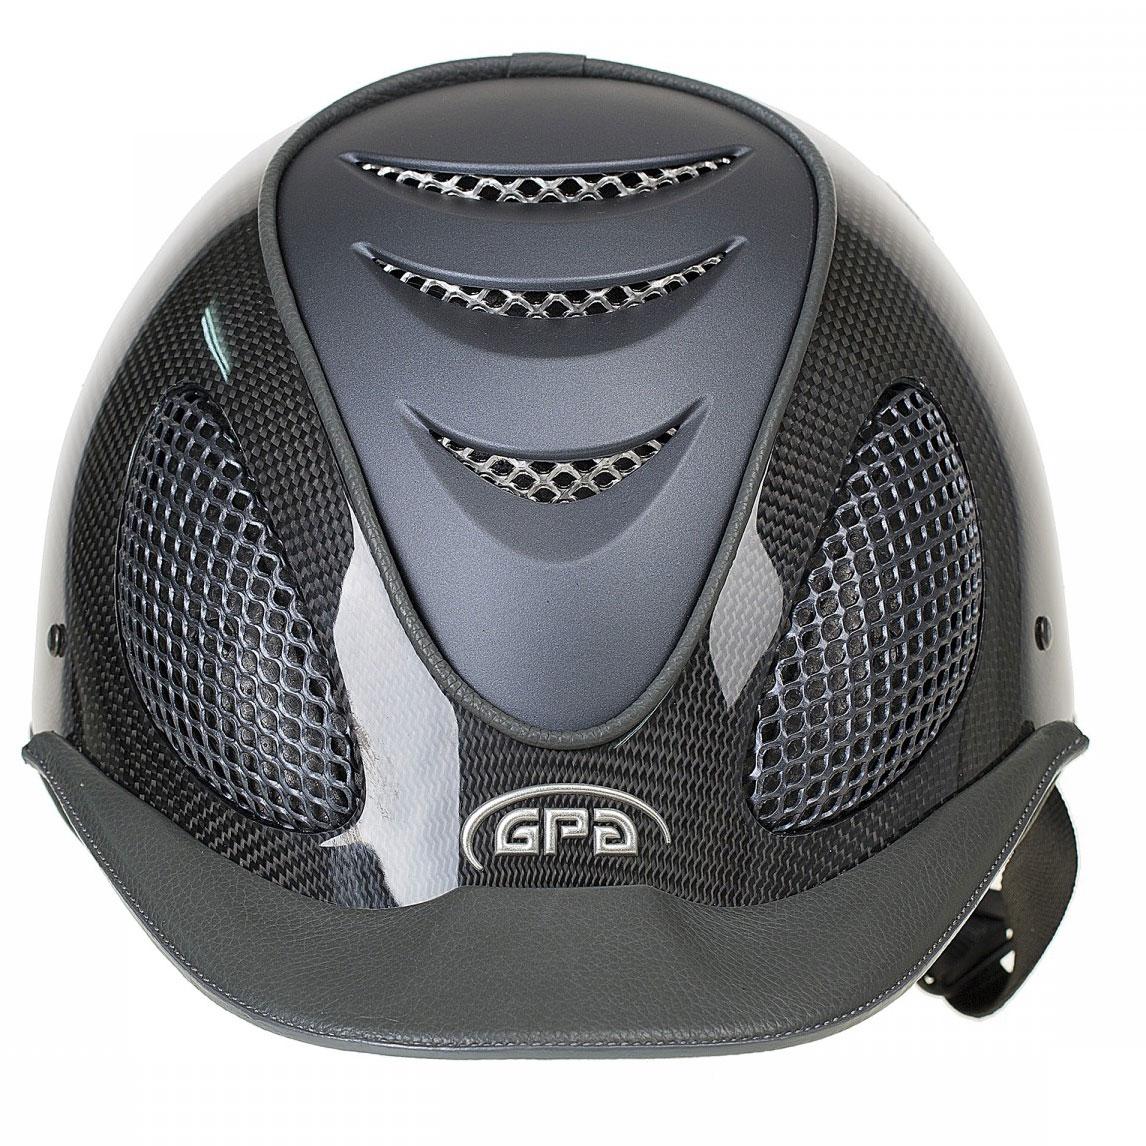 Casco GPA Speed Air Carbone Leader  60e73c75ed4